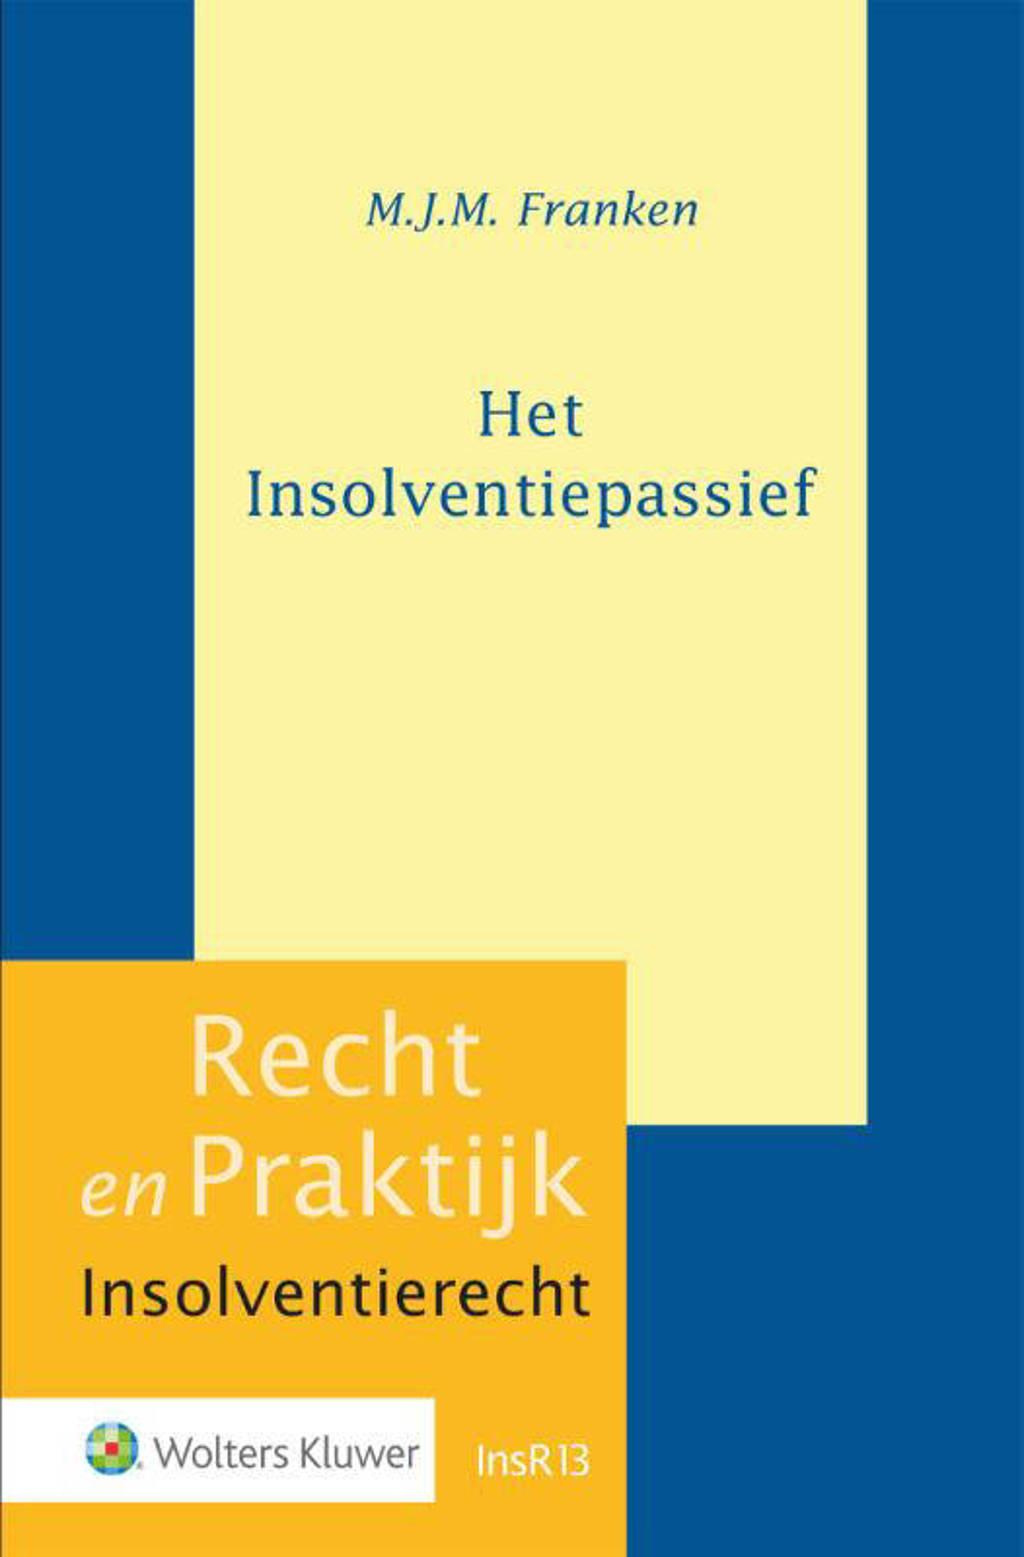 Recht en Praktijk - Insolventierecht: Het Insolventiepassief - M.J.M. Franken